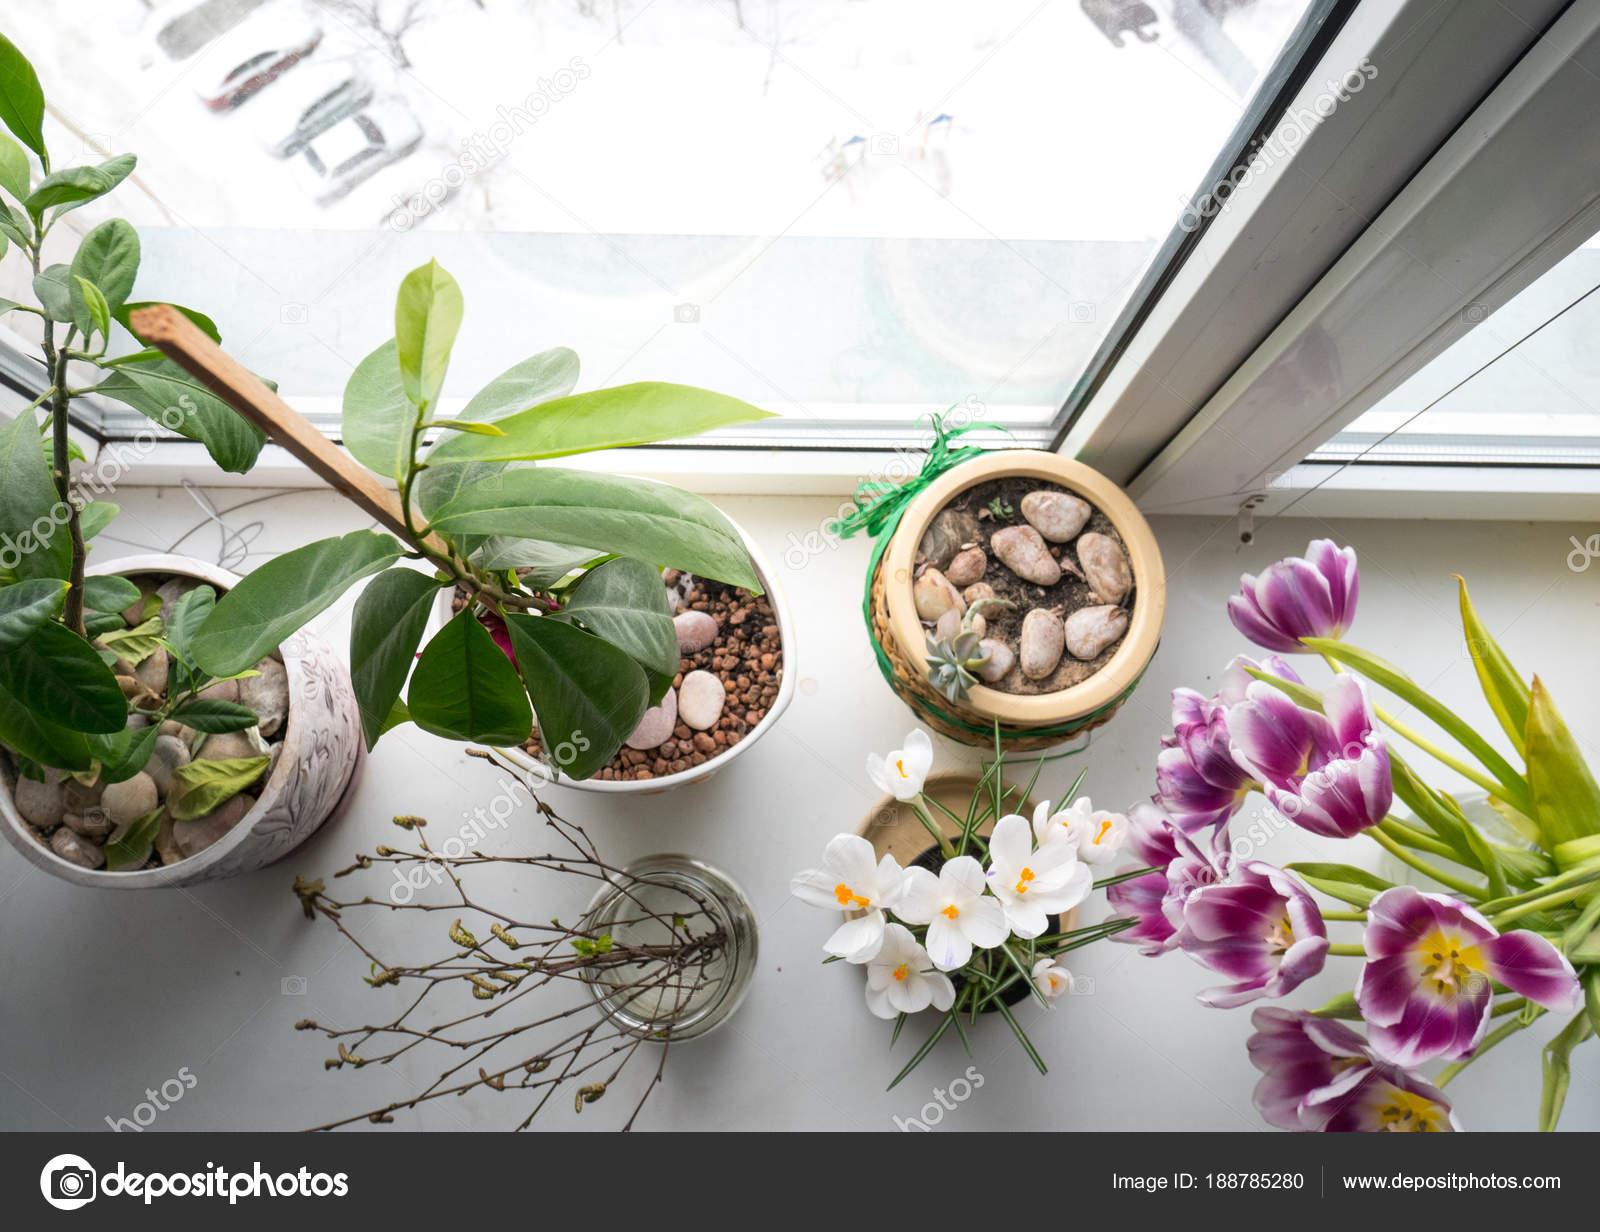 Blumen Für Die Wohnung leben sie blumen in einem topf auf der fensterbank in der wohnung